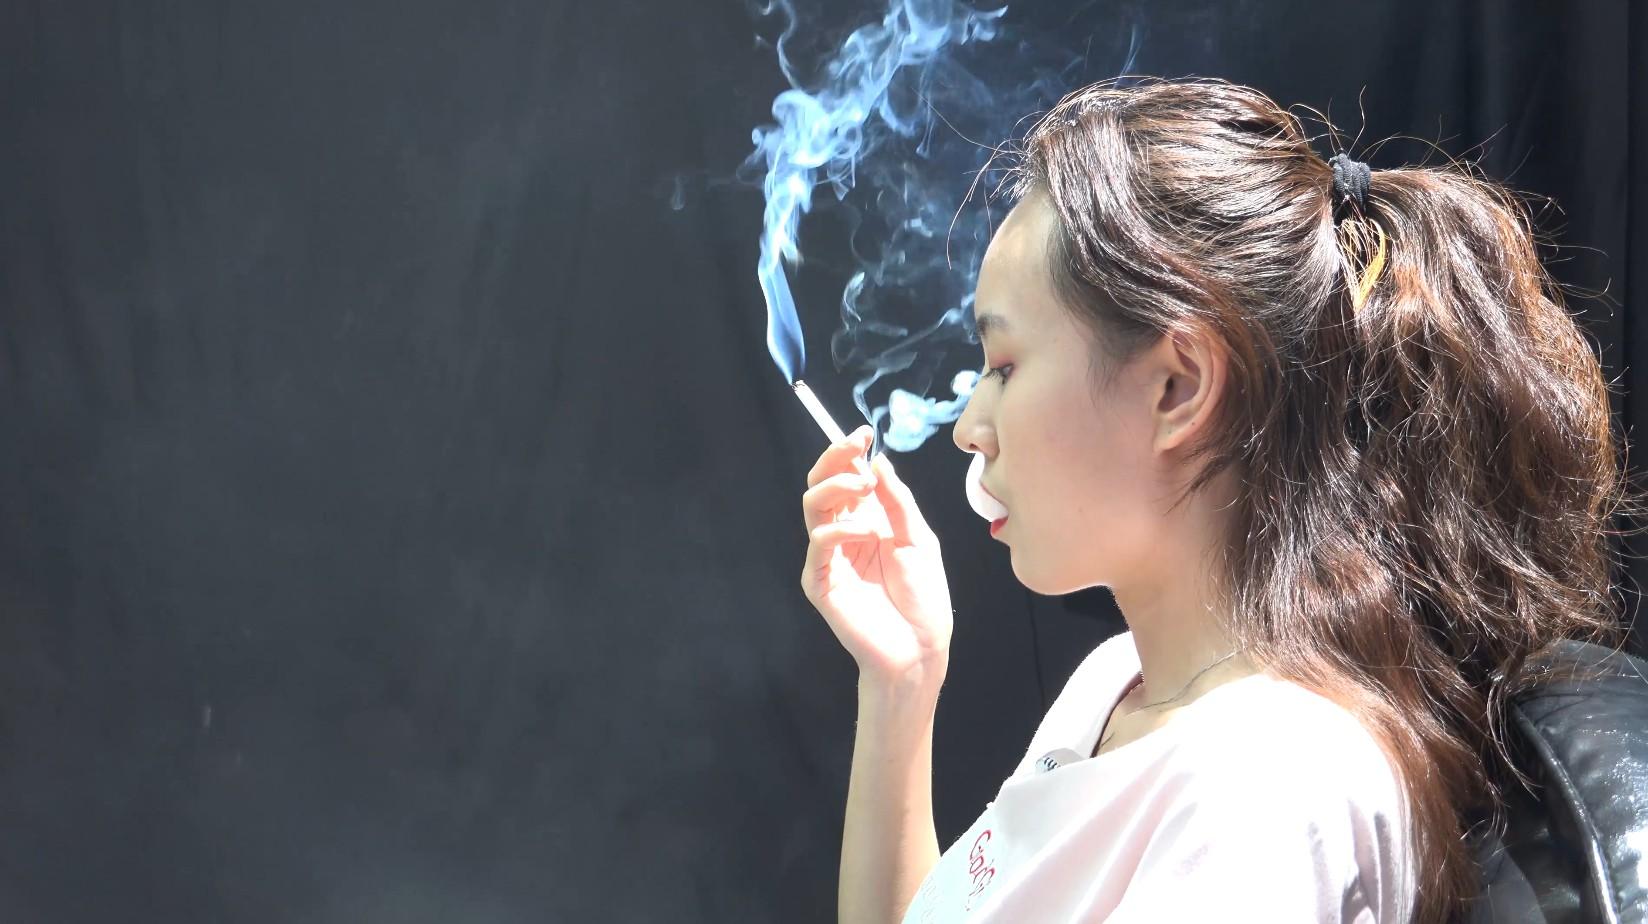 抽烟喜欢鼓包后回笼的美女抽烟访谈第一集